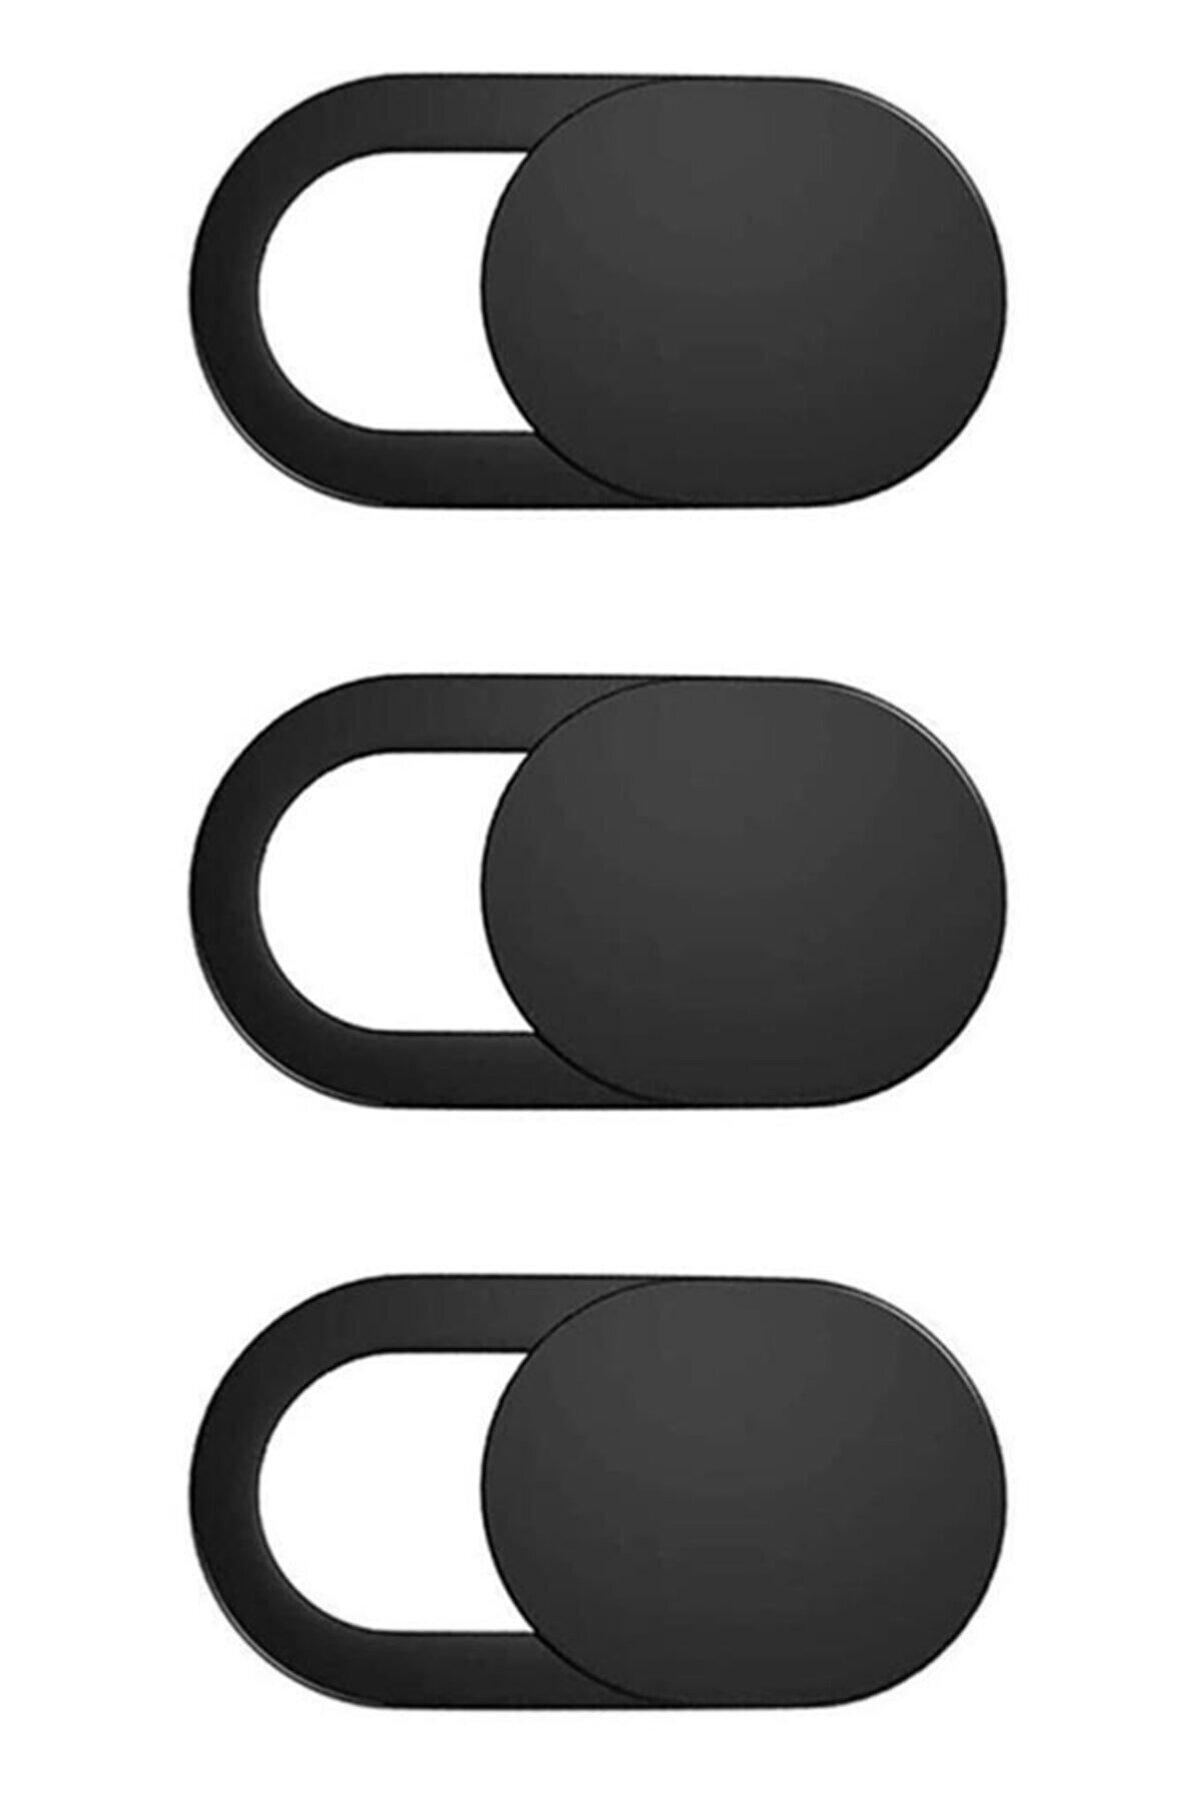 Spelt Laptop Tablet Kamera Webcam Kapatıcı Örtücü Sürgülü Kapak 3'lü